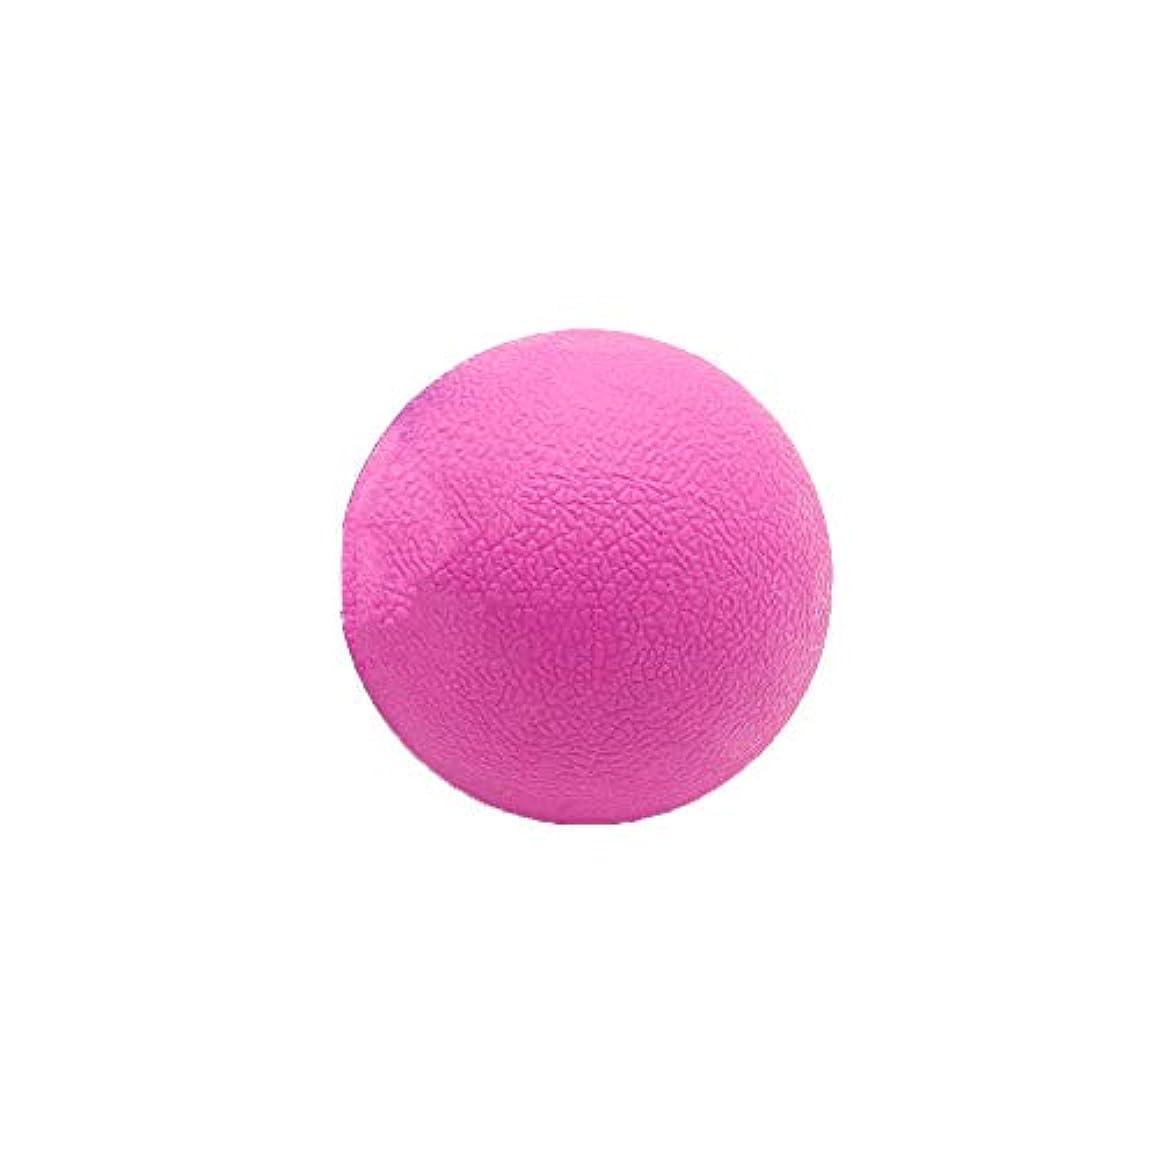 見通し代表して規定Tyou ロングホッケー ボール ストレッチ リリース マッサージボール 足部 マッサージボール 背中 筋肉 トレーニングボール ピンク